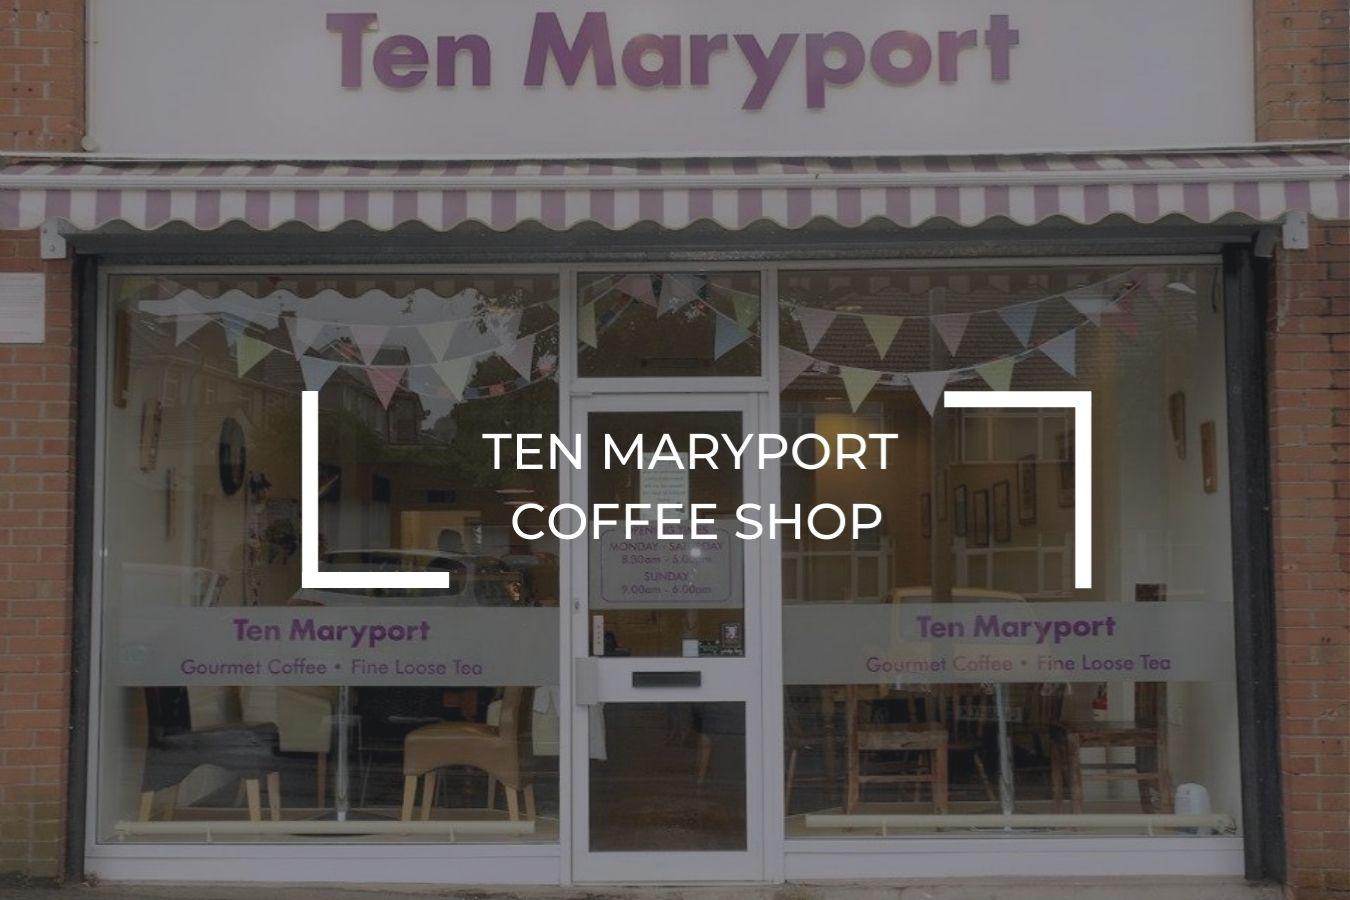 10 maryport coffee shop